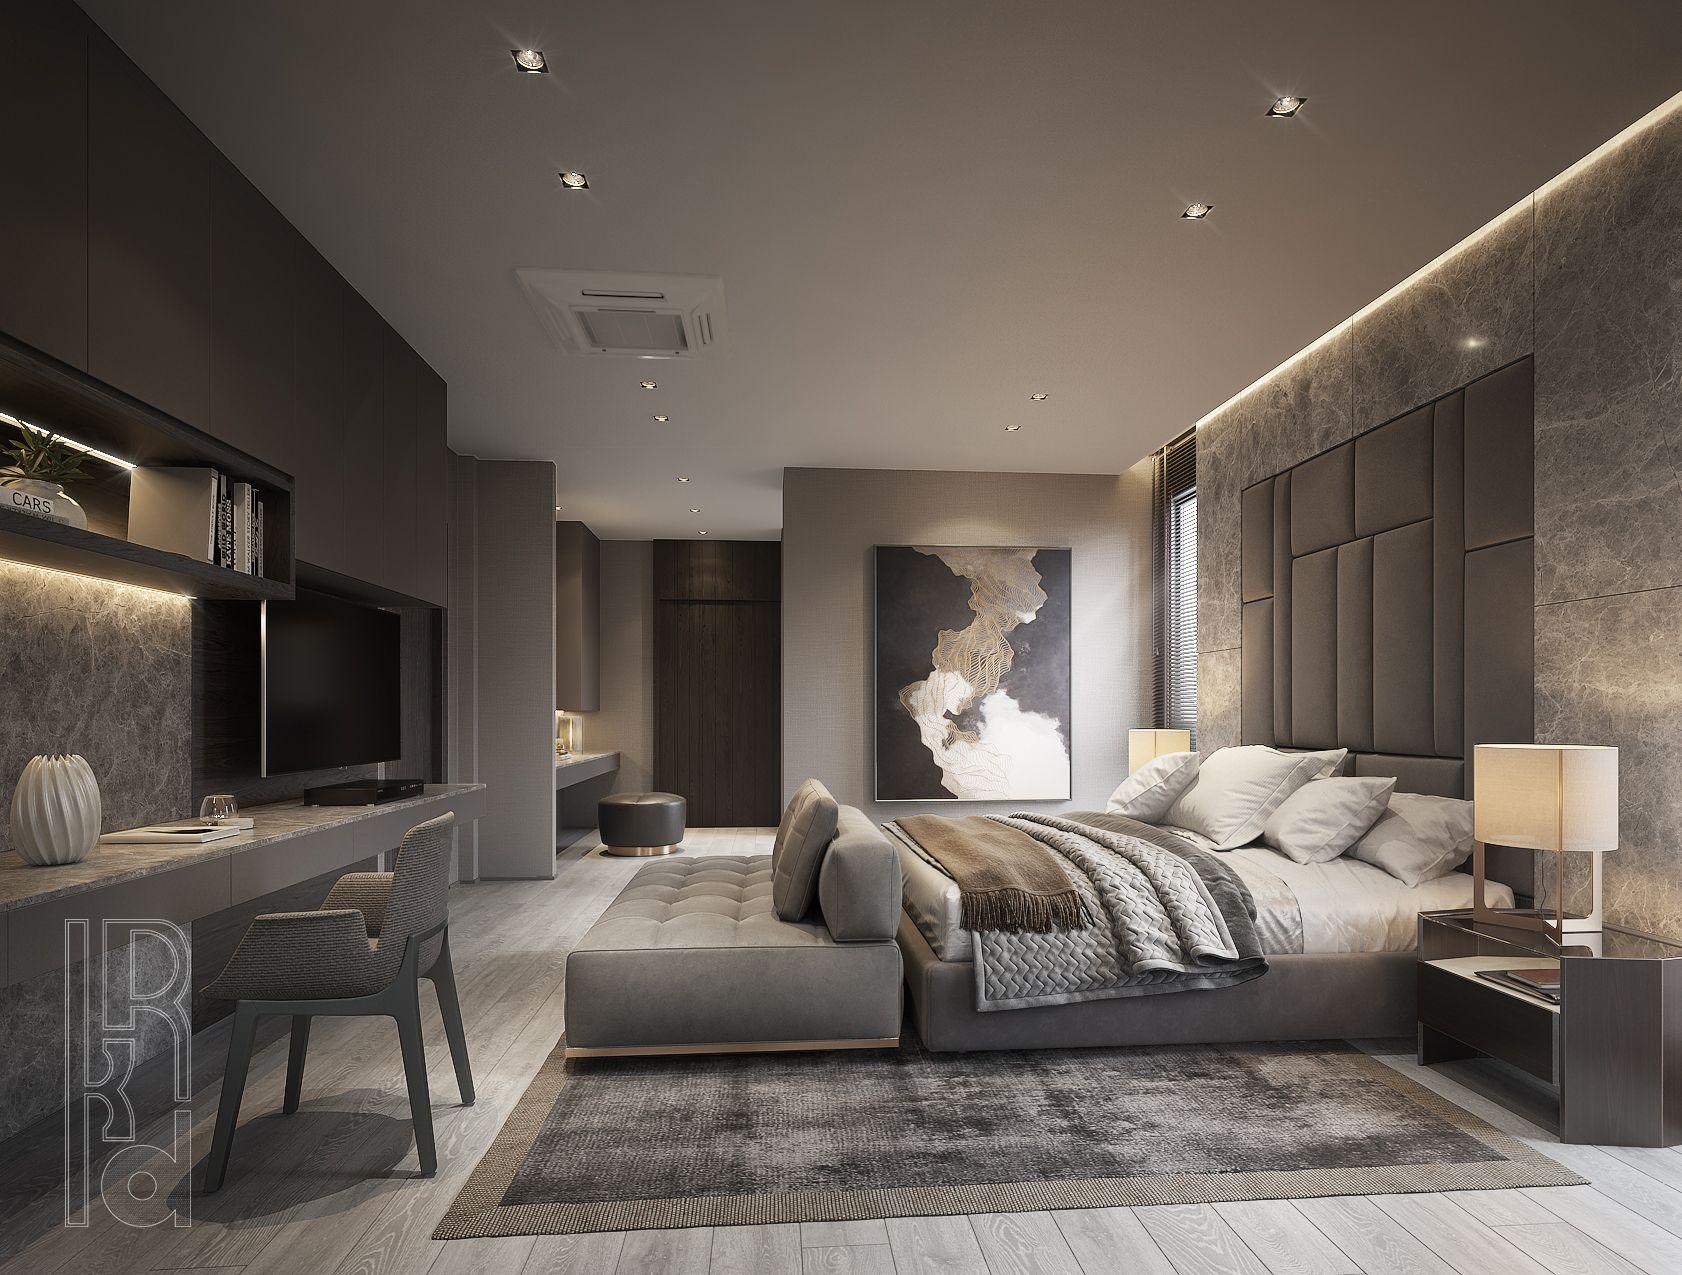 Heia Schlafzimmer Dekor Kopfteil Kopfteil Entwurf Innenarchitekt Materialien Minimalistisch Luxurious Bedrooms Luxury Bedroom Master Luxury Bedroom Design